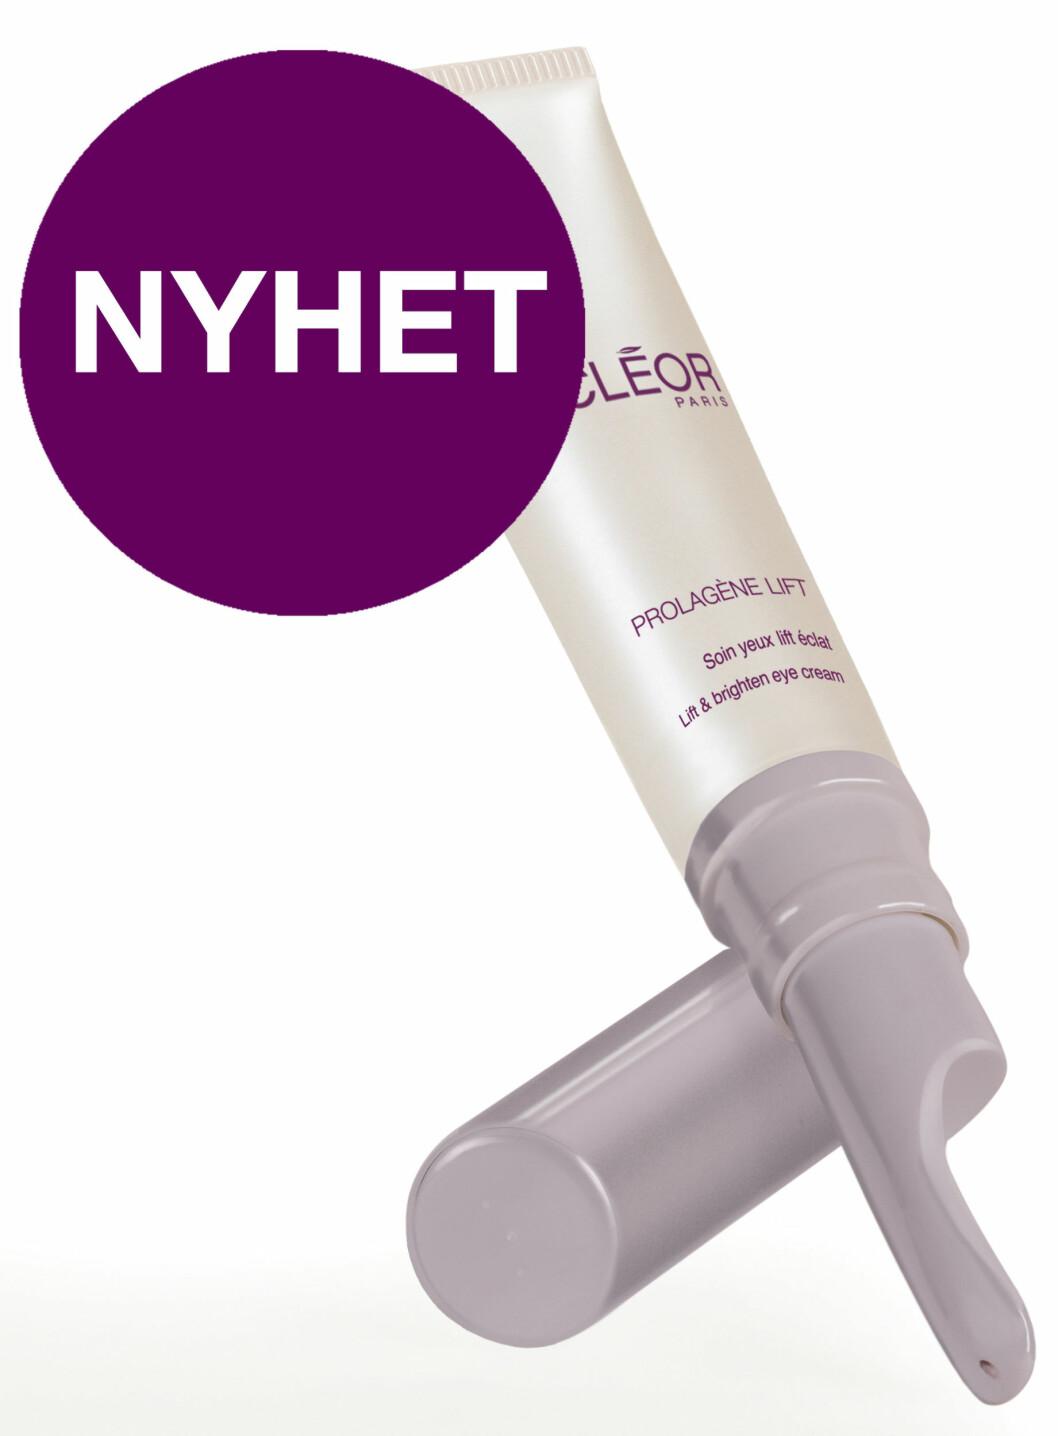 Prolagen Lift Lift & Brighten Eye Cream fra Decléor er en kremgelé som virker øyeblikkelig oppfriskende for øyepartiet. Motvirker fine linjer og mørke ringer, bedrer mikrosirkulasjonen og gir øyepartiet løft og glød. (15 ml, kr 579) Foto: Produsenten